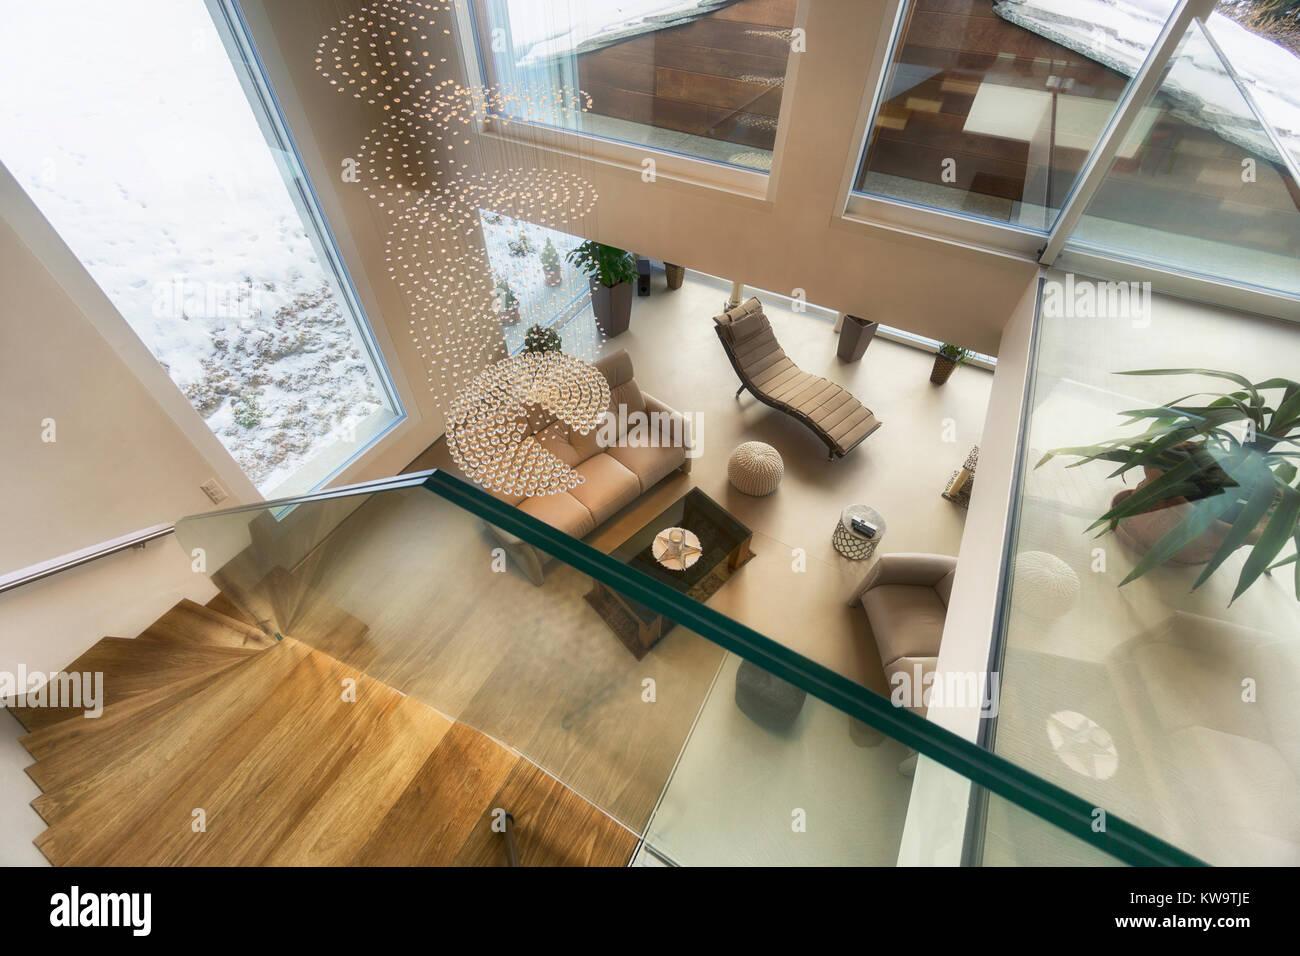 Wohnzimmer von Luxus haus mit Bergblick in modernem Design Stockbild